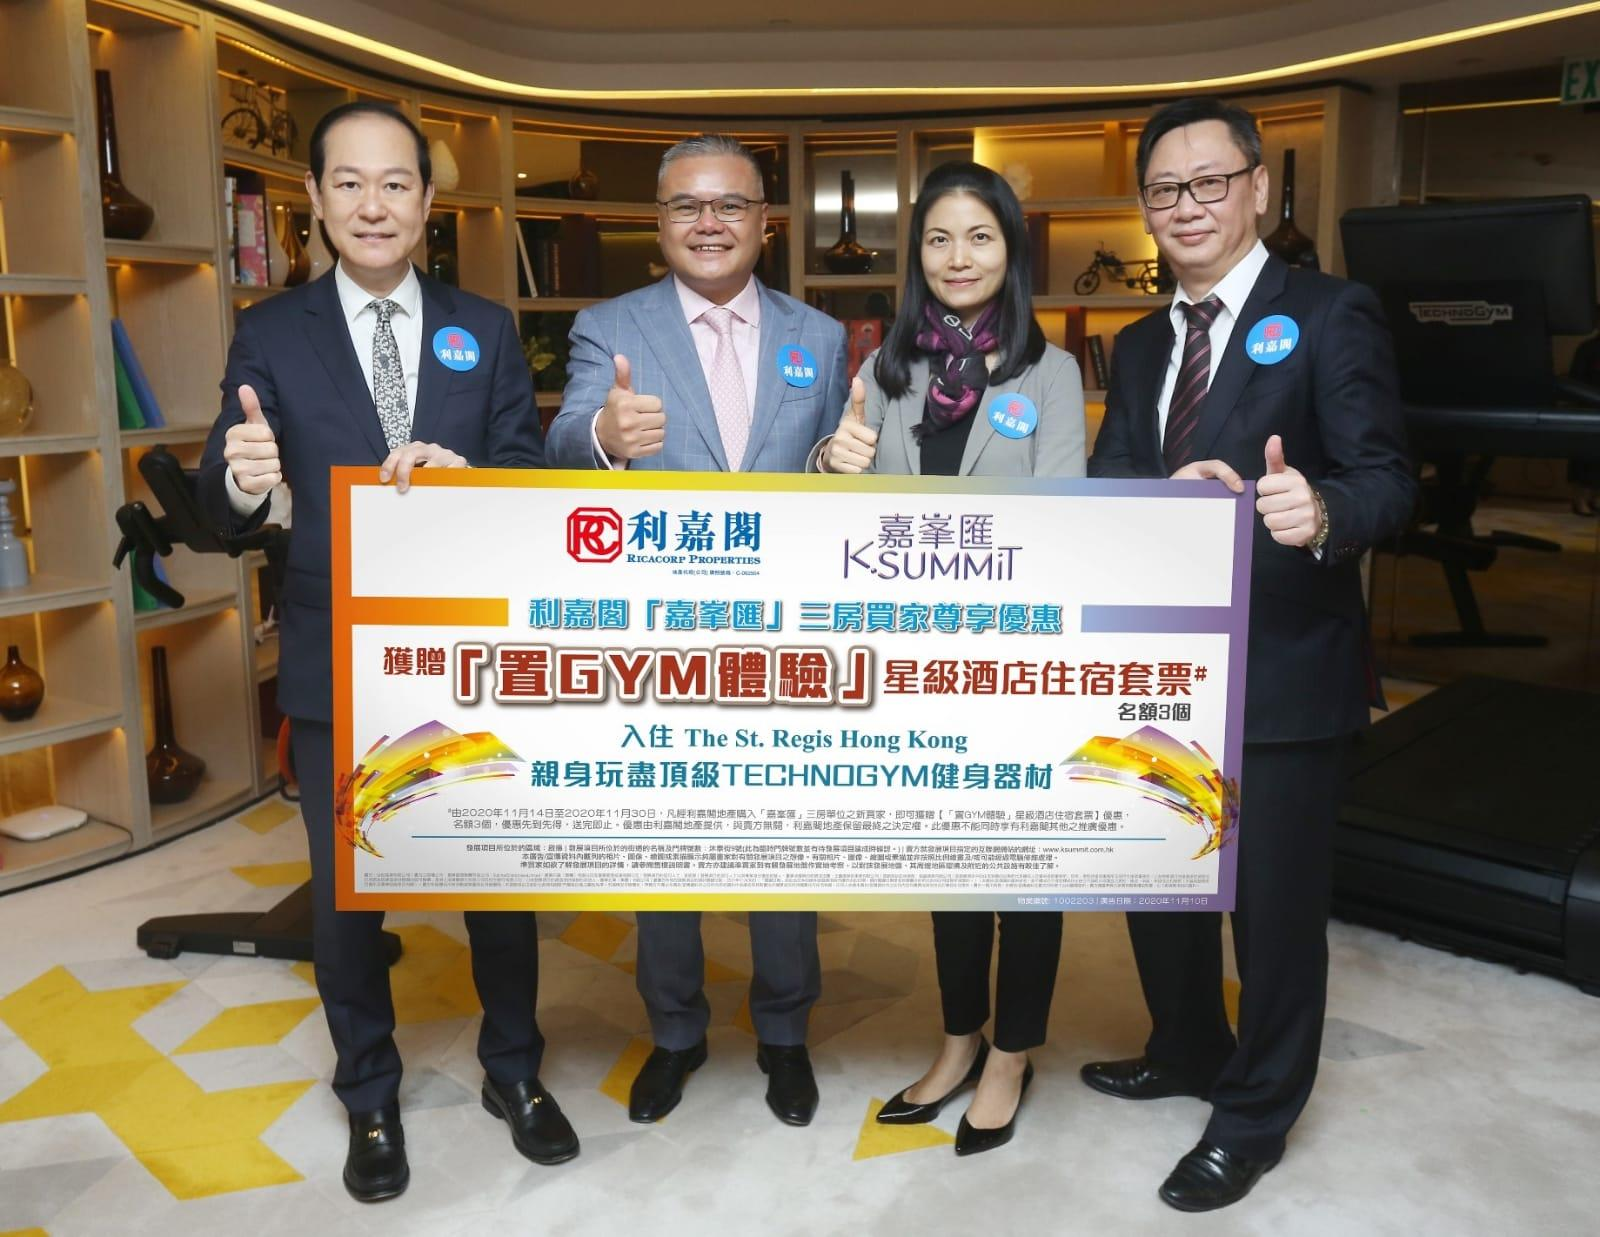 利嘉閣總裁廖偉強(左1),嘉華溫偉明(左2)。